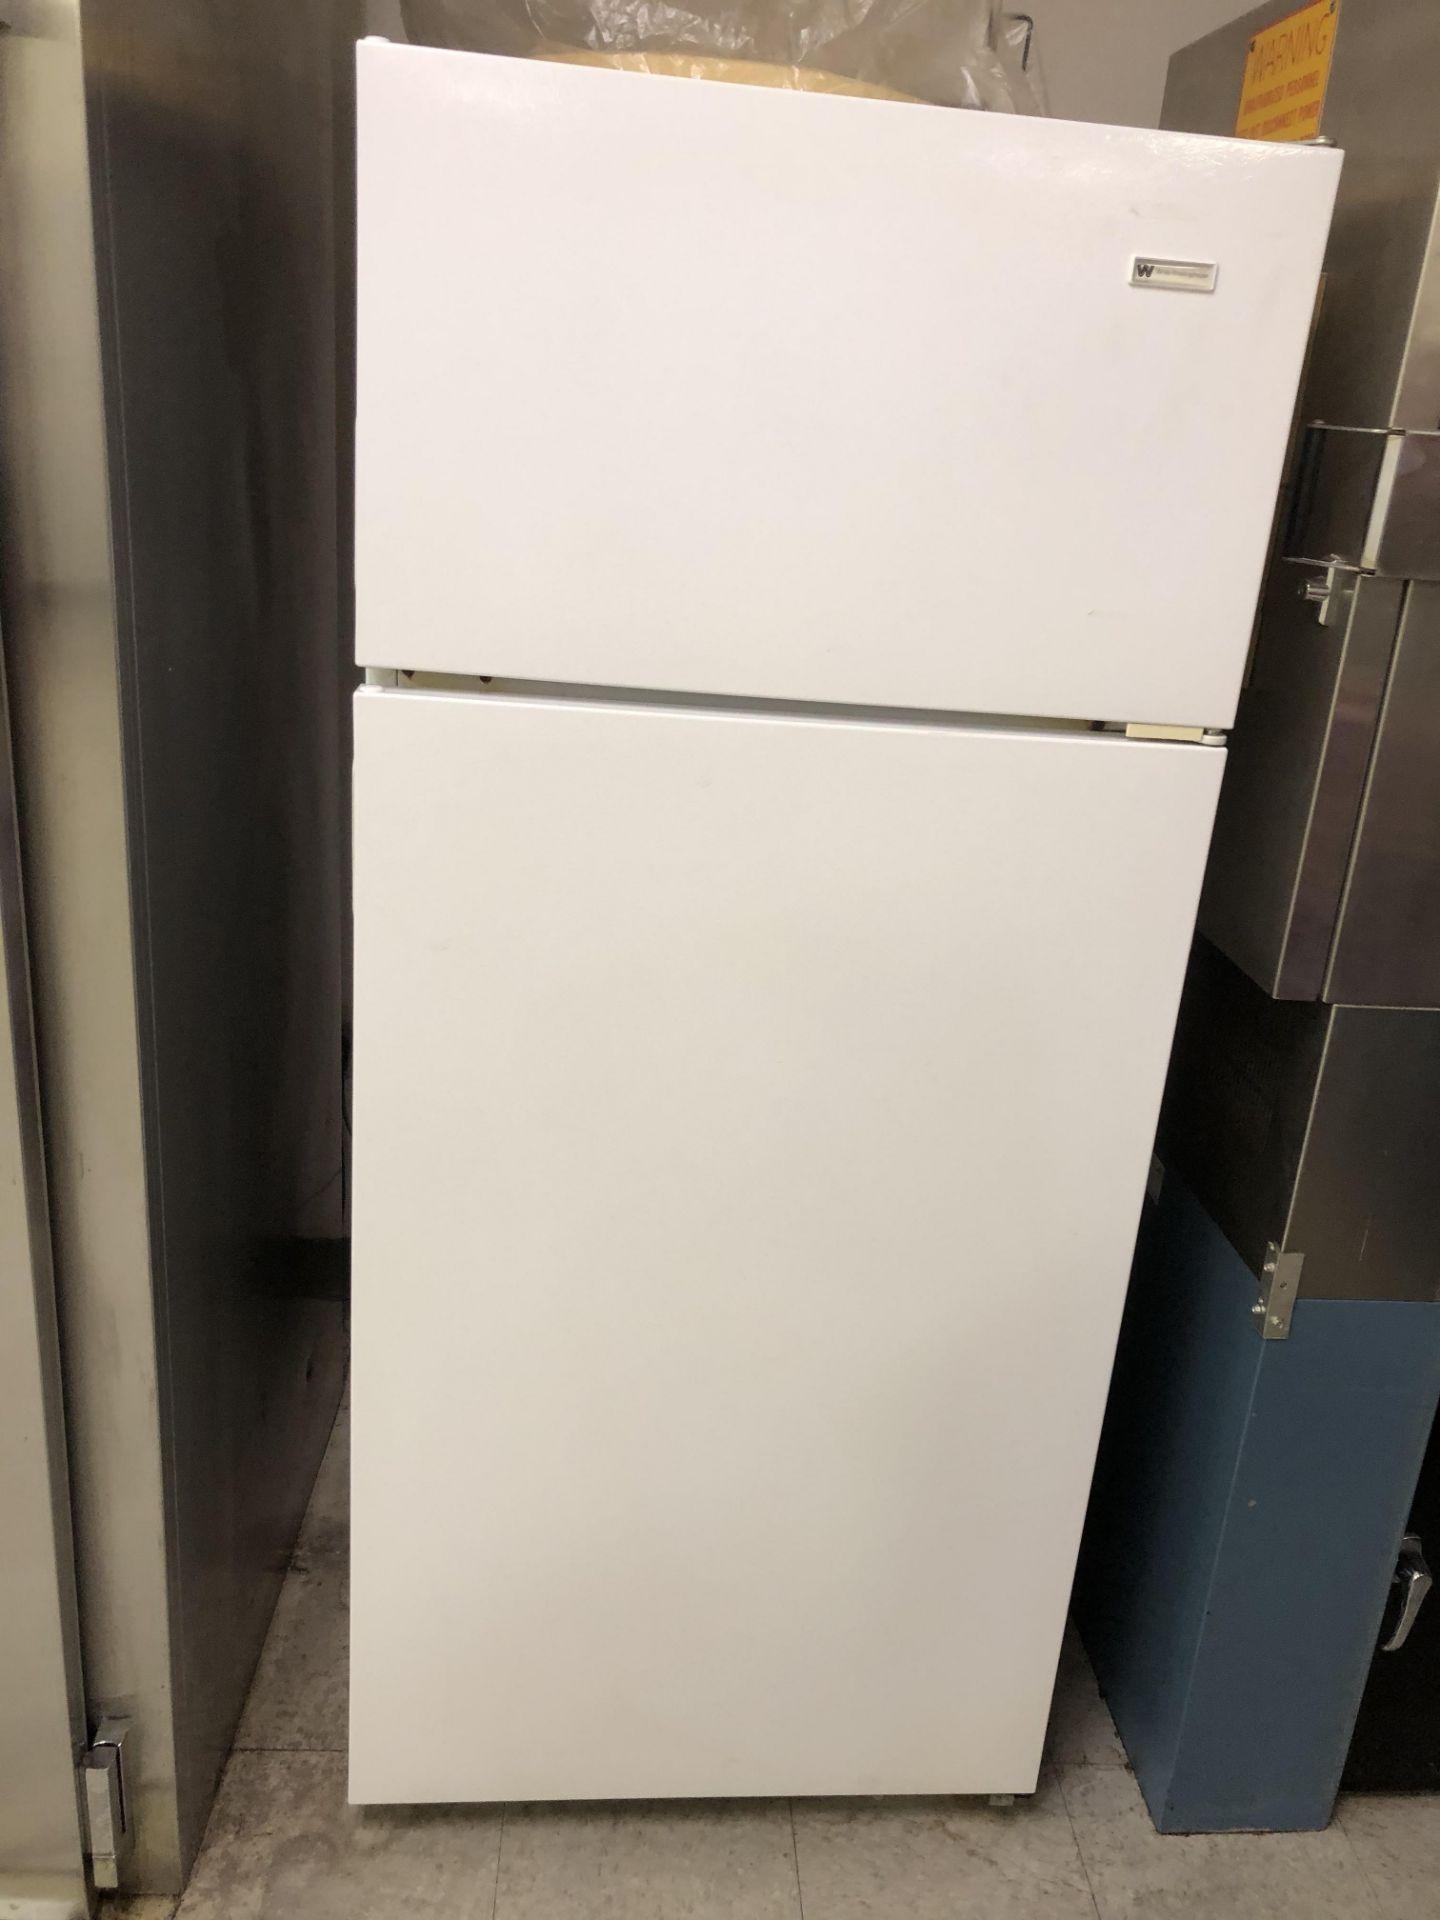 Lot 11B - Household Refrigerator | Rig Fee: $25